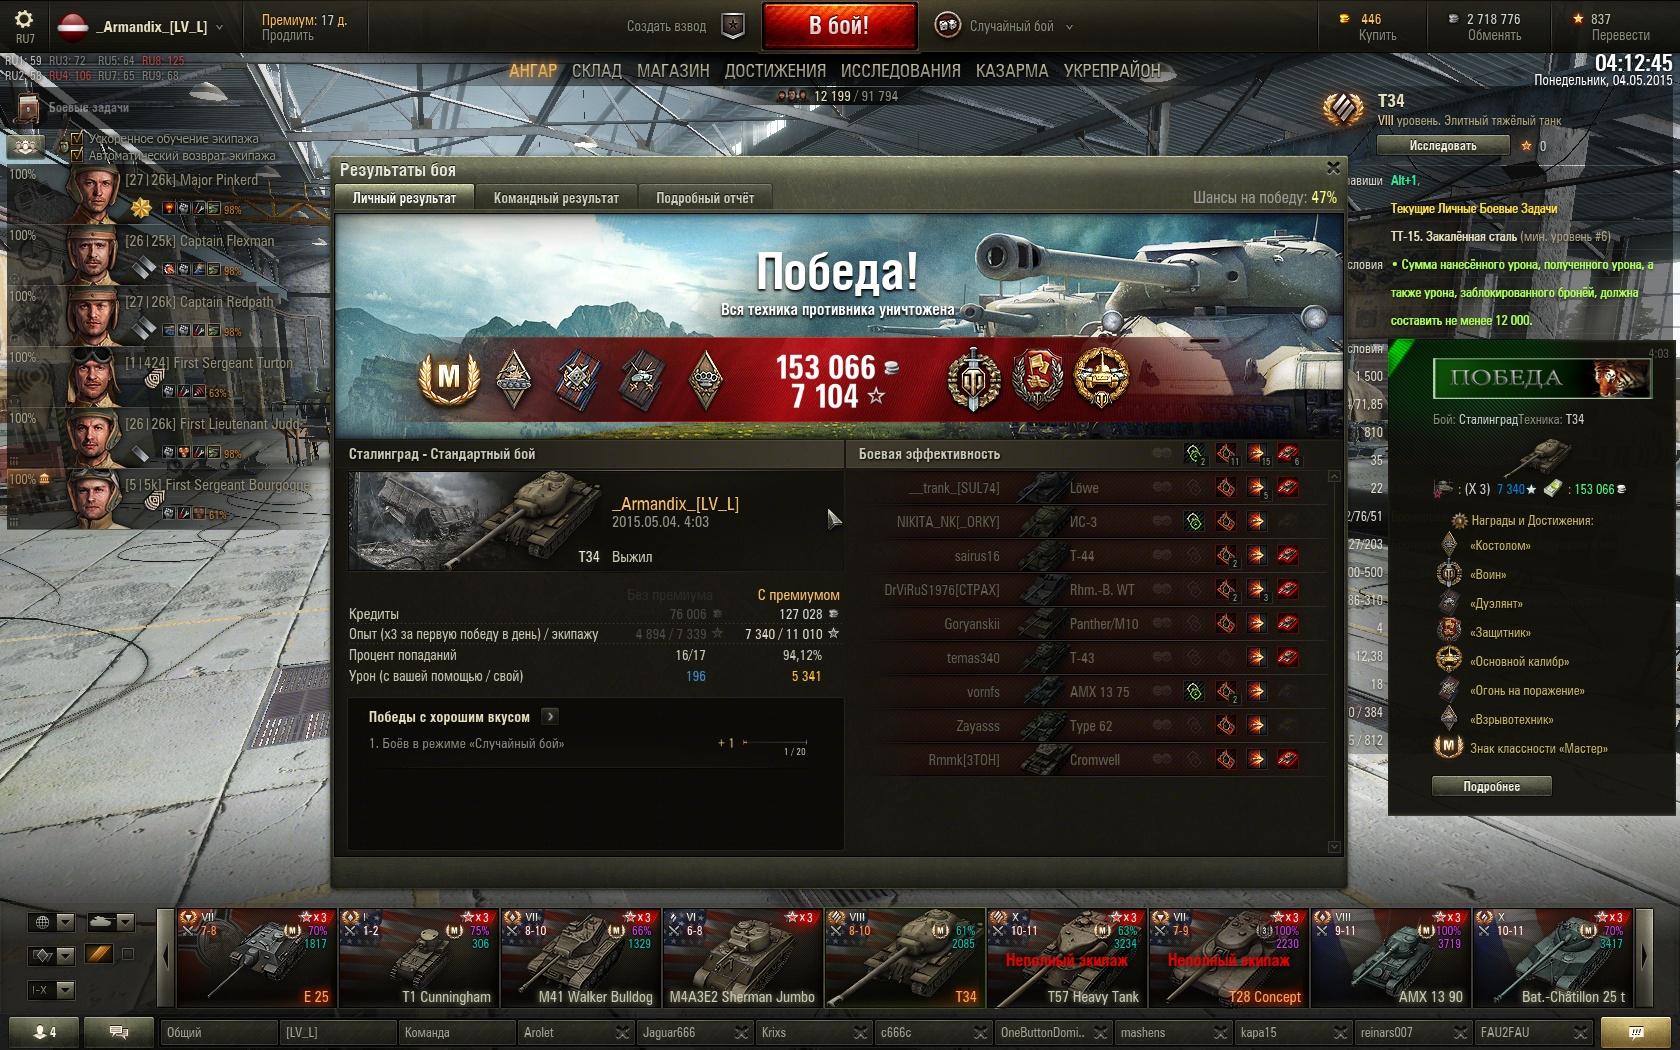 (Master) T34 2t2llcd7qoizscnp3vw